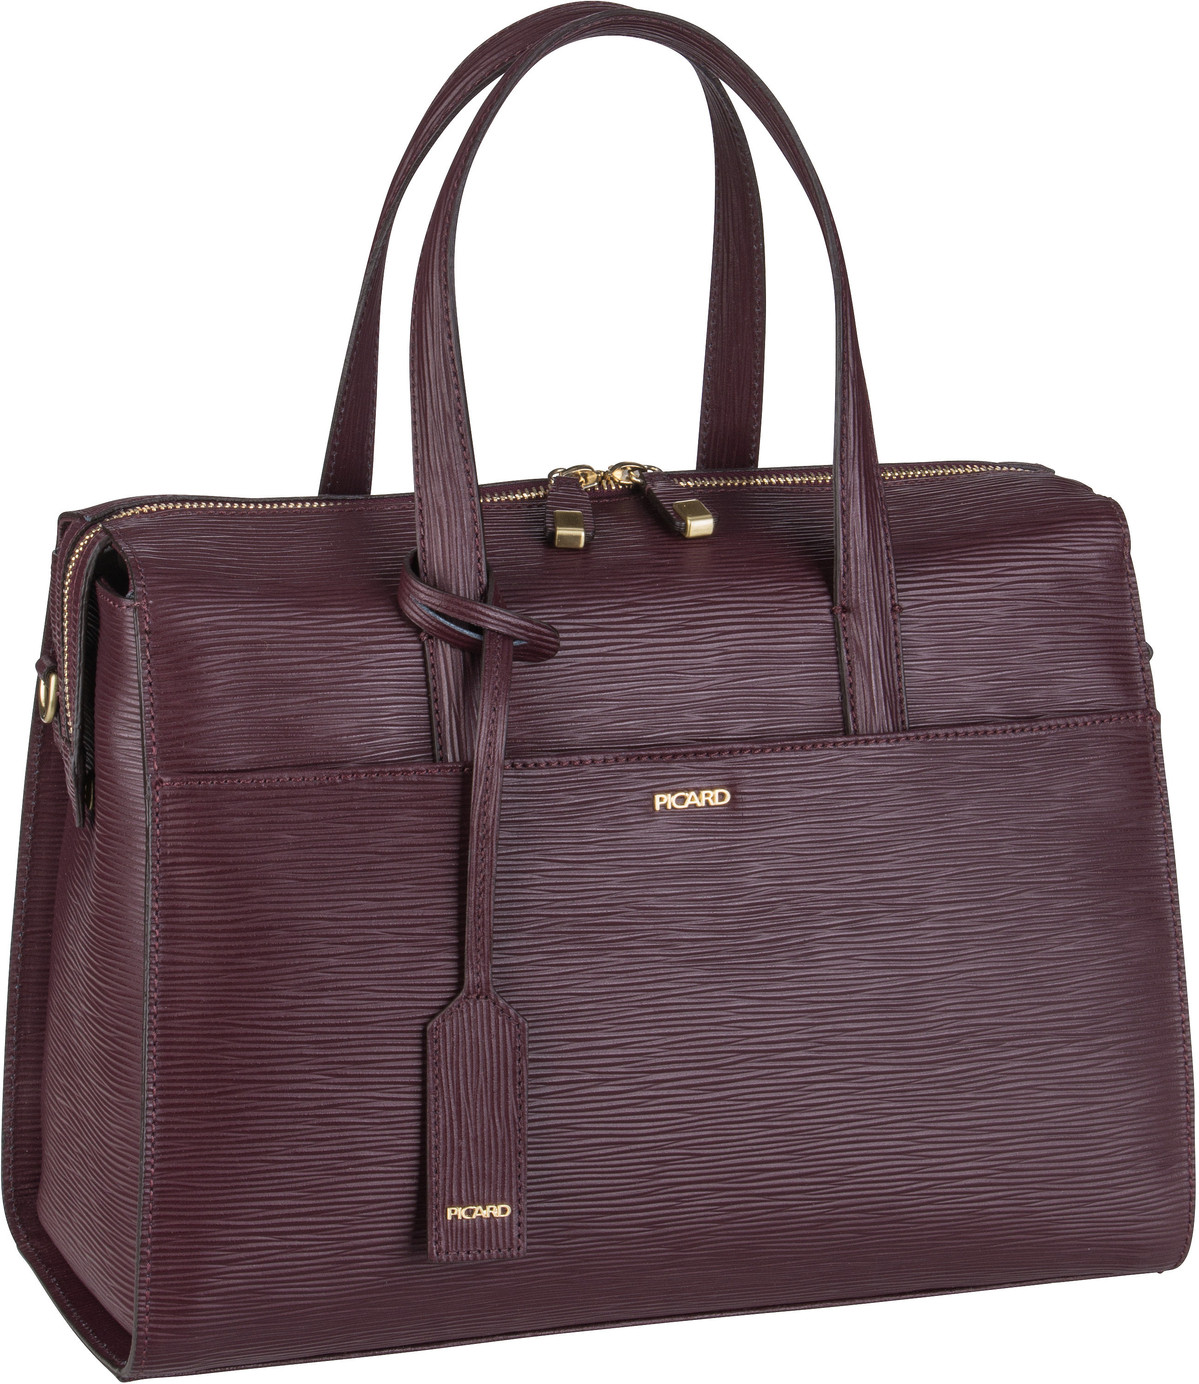 Handtasche Vanity 4831 Vino